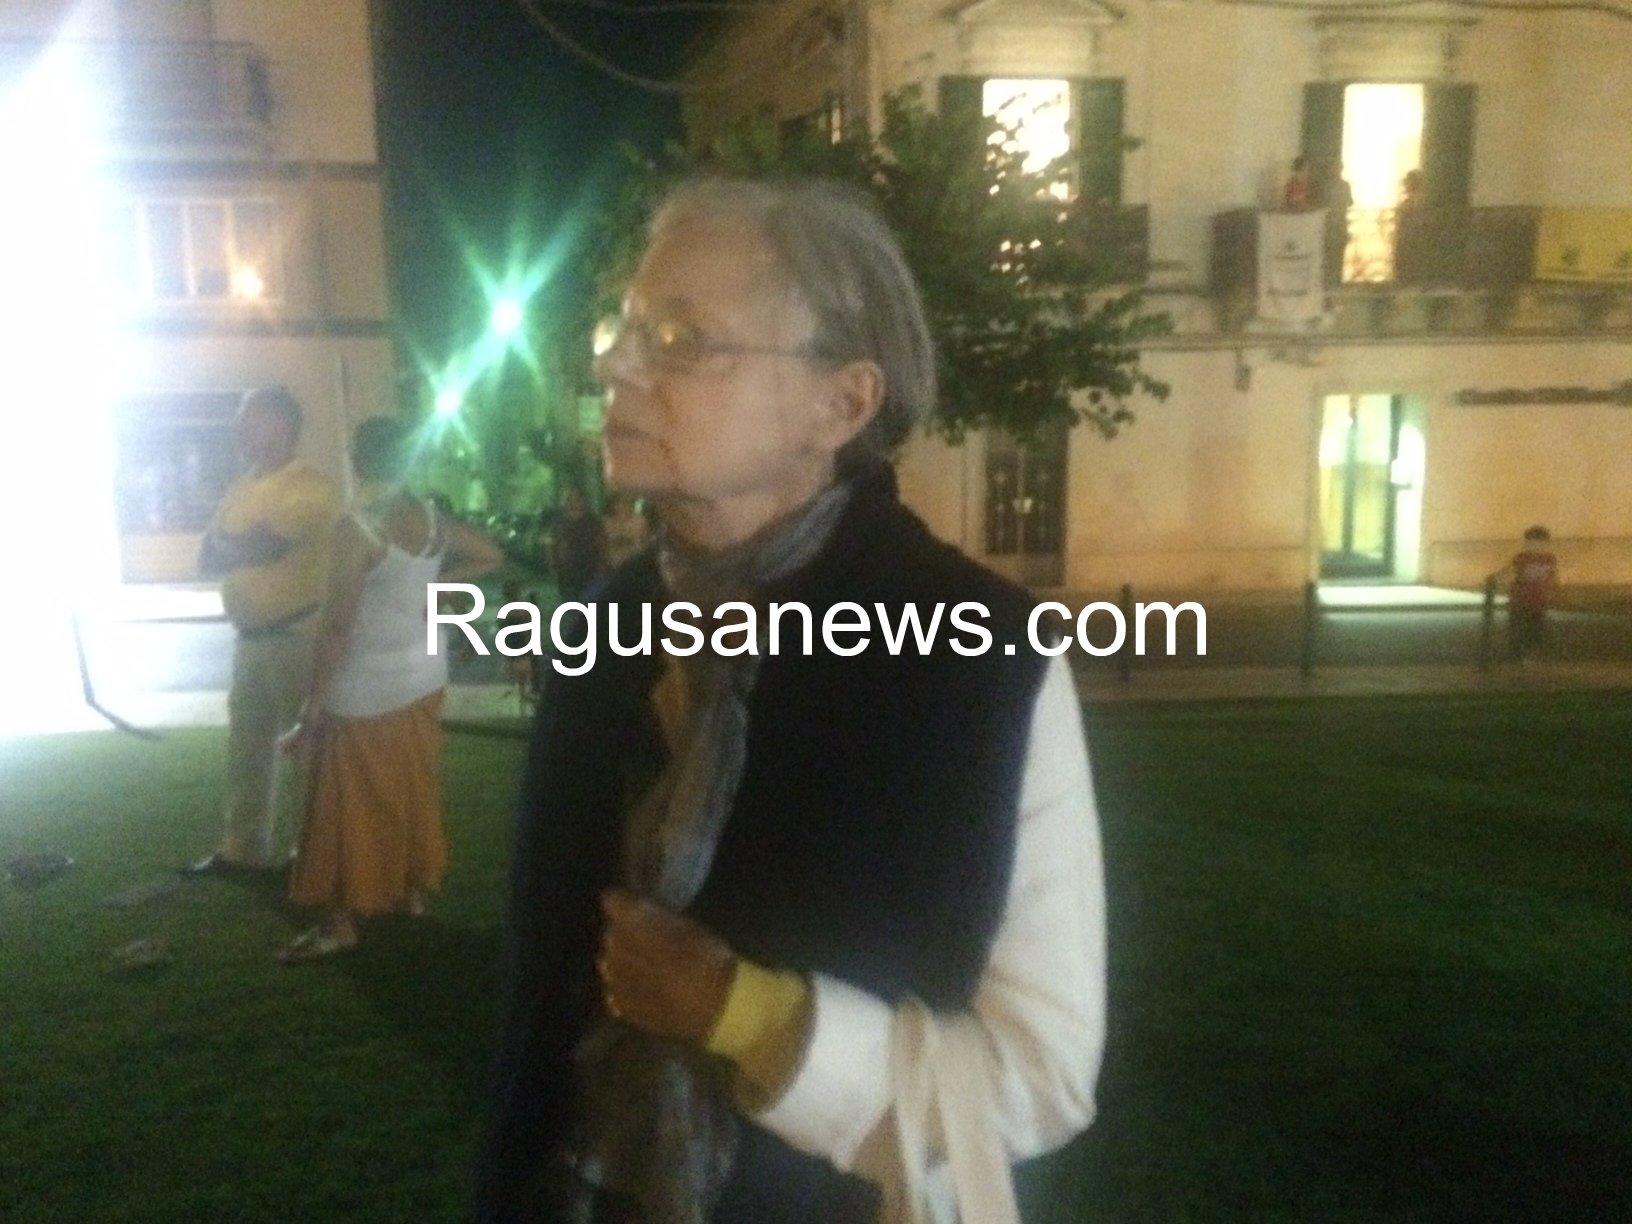 https://www.ragusanews.com//immagini_articoli/11-08-2014/1407786982-1-e-mastroianni-prese-a-schiaffi-una-comparsa-nella-scena-del-funerale.jpg